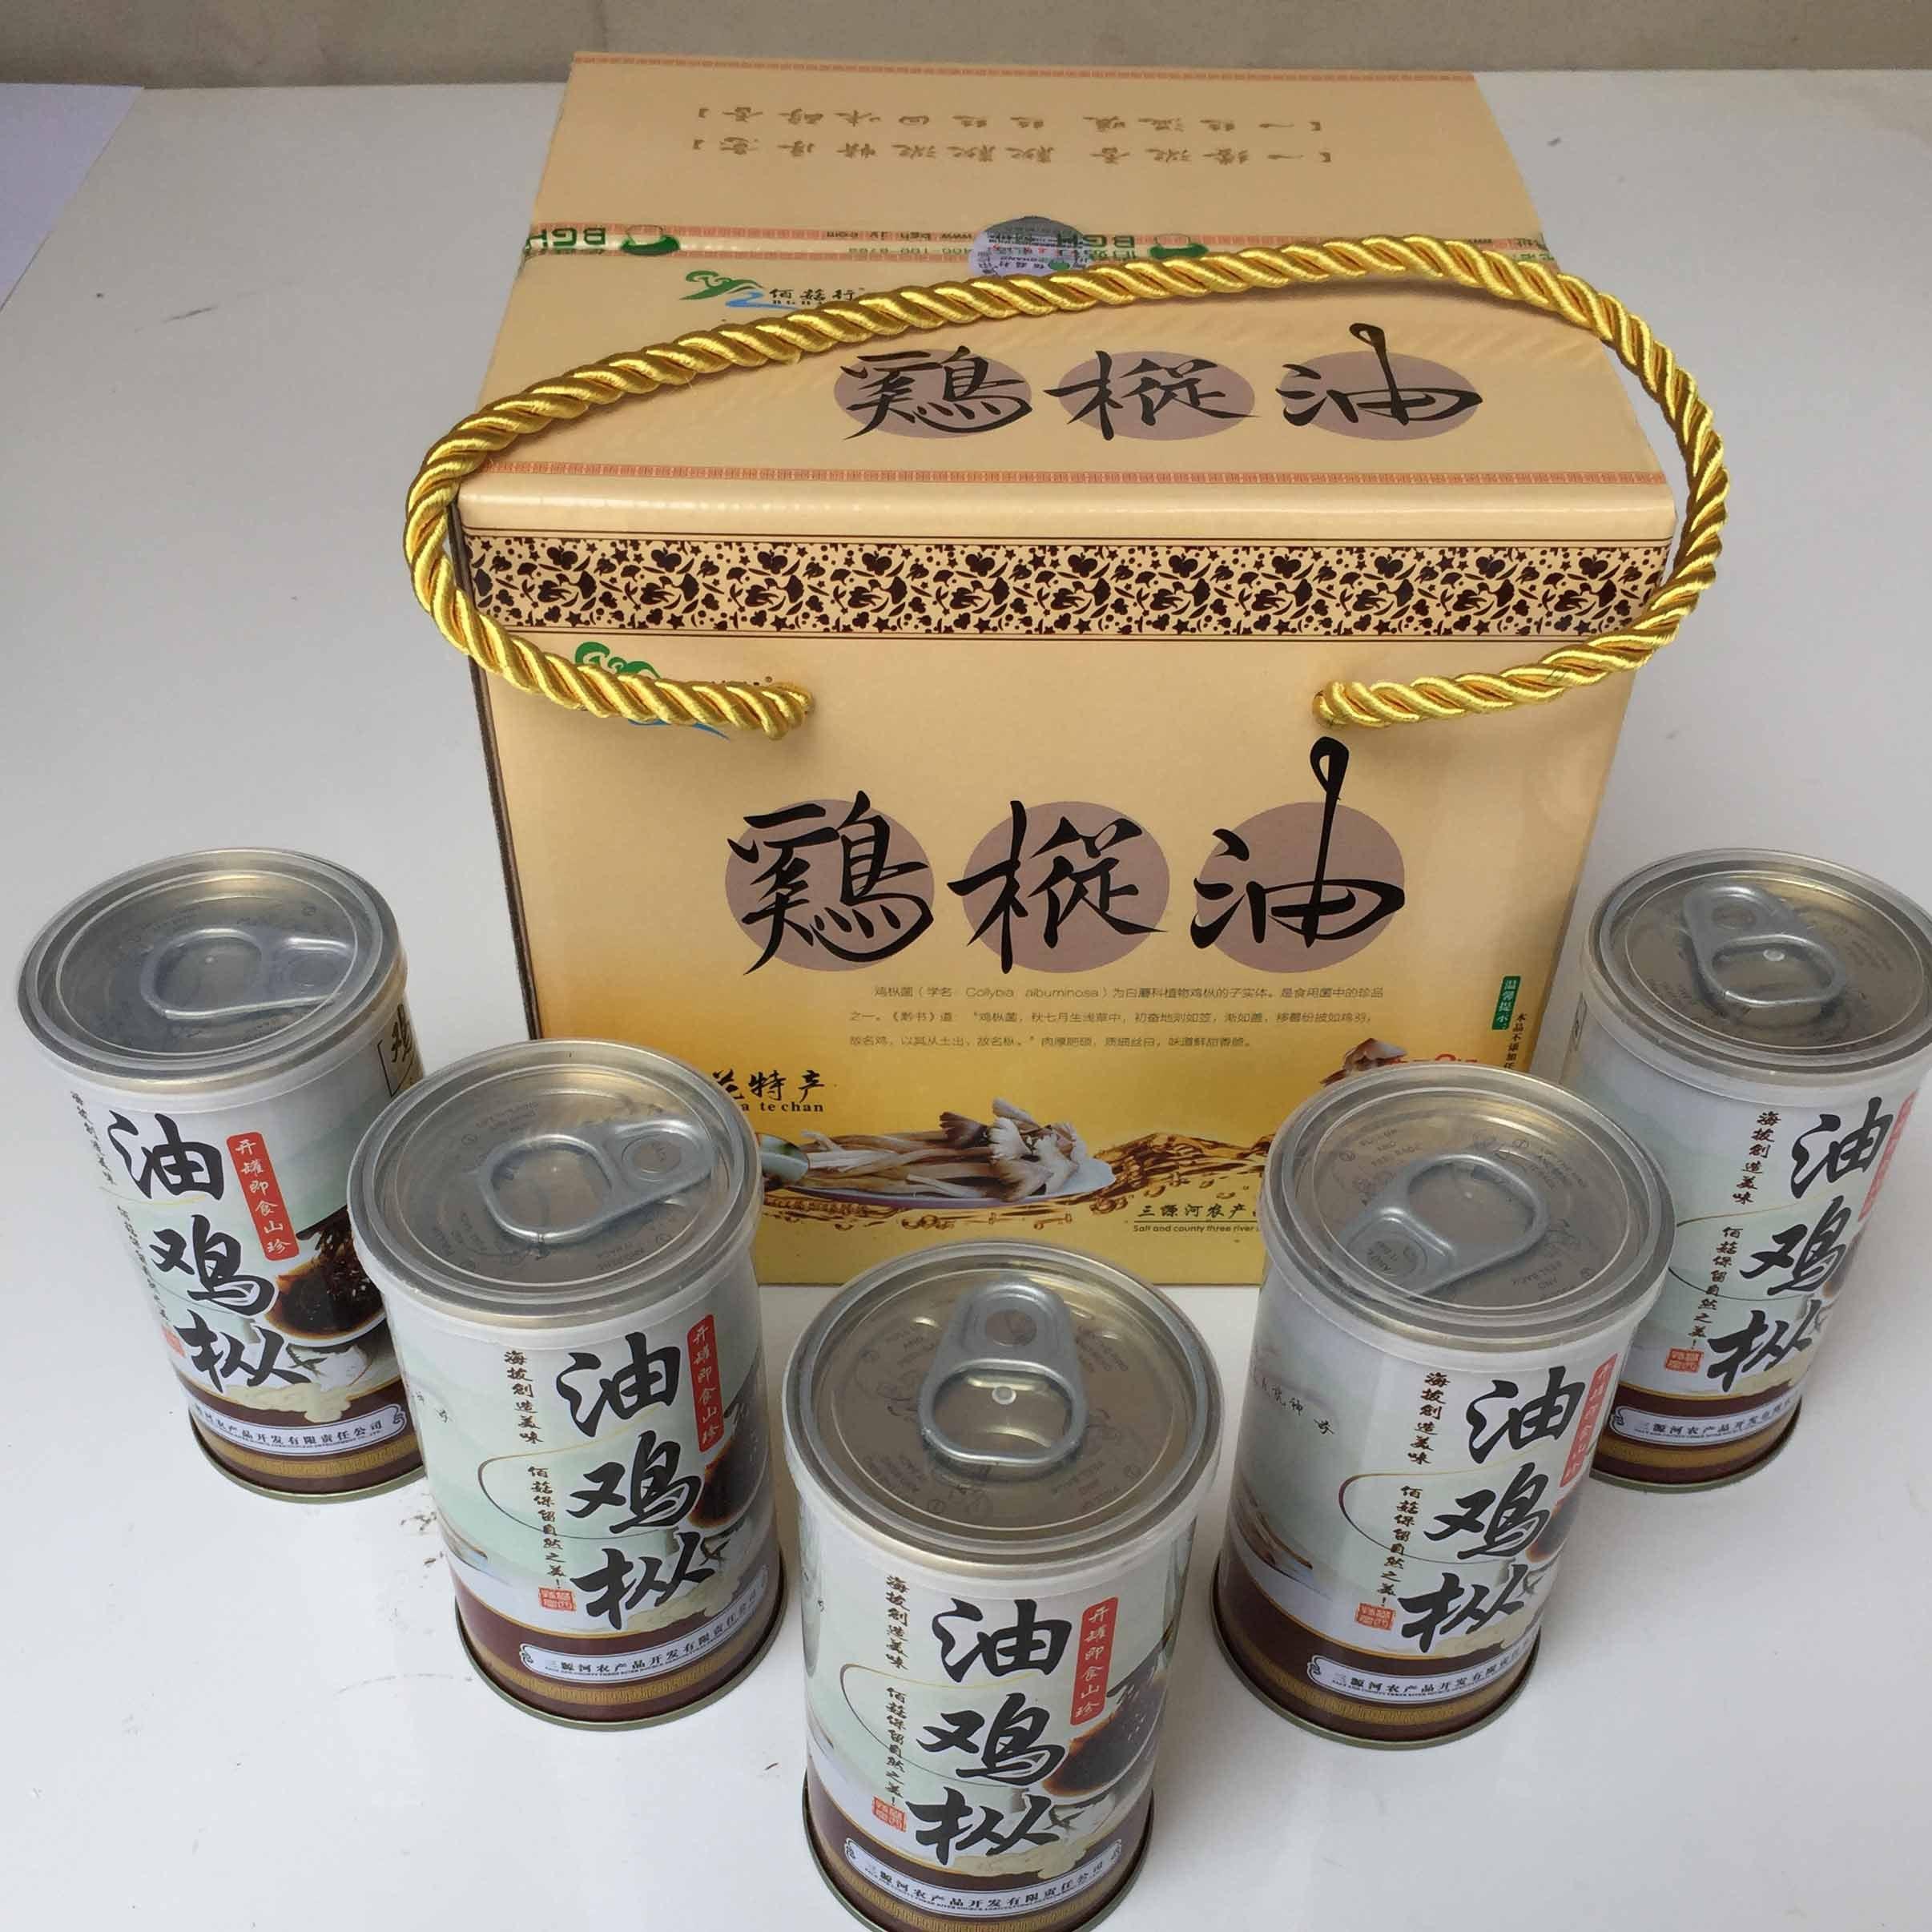 佰菇行油鸡枞菌150g*5盒